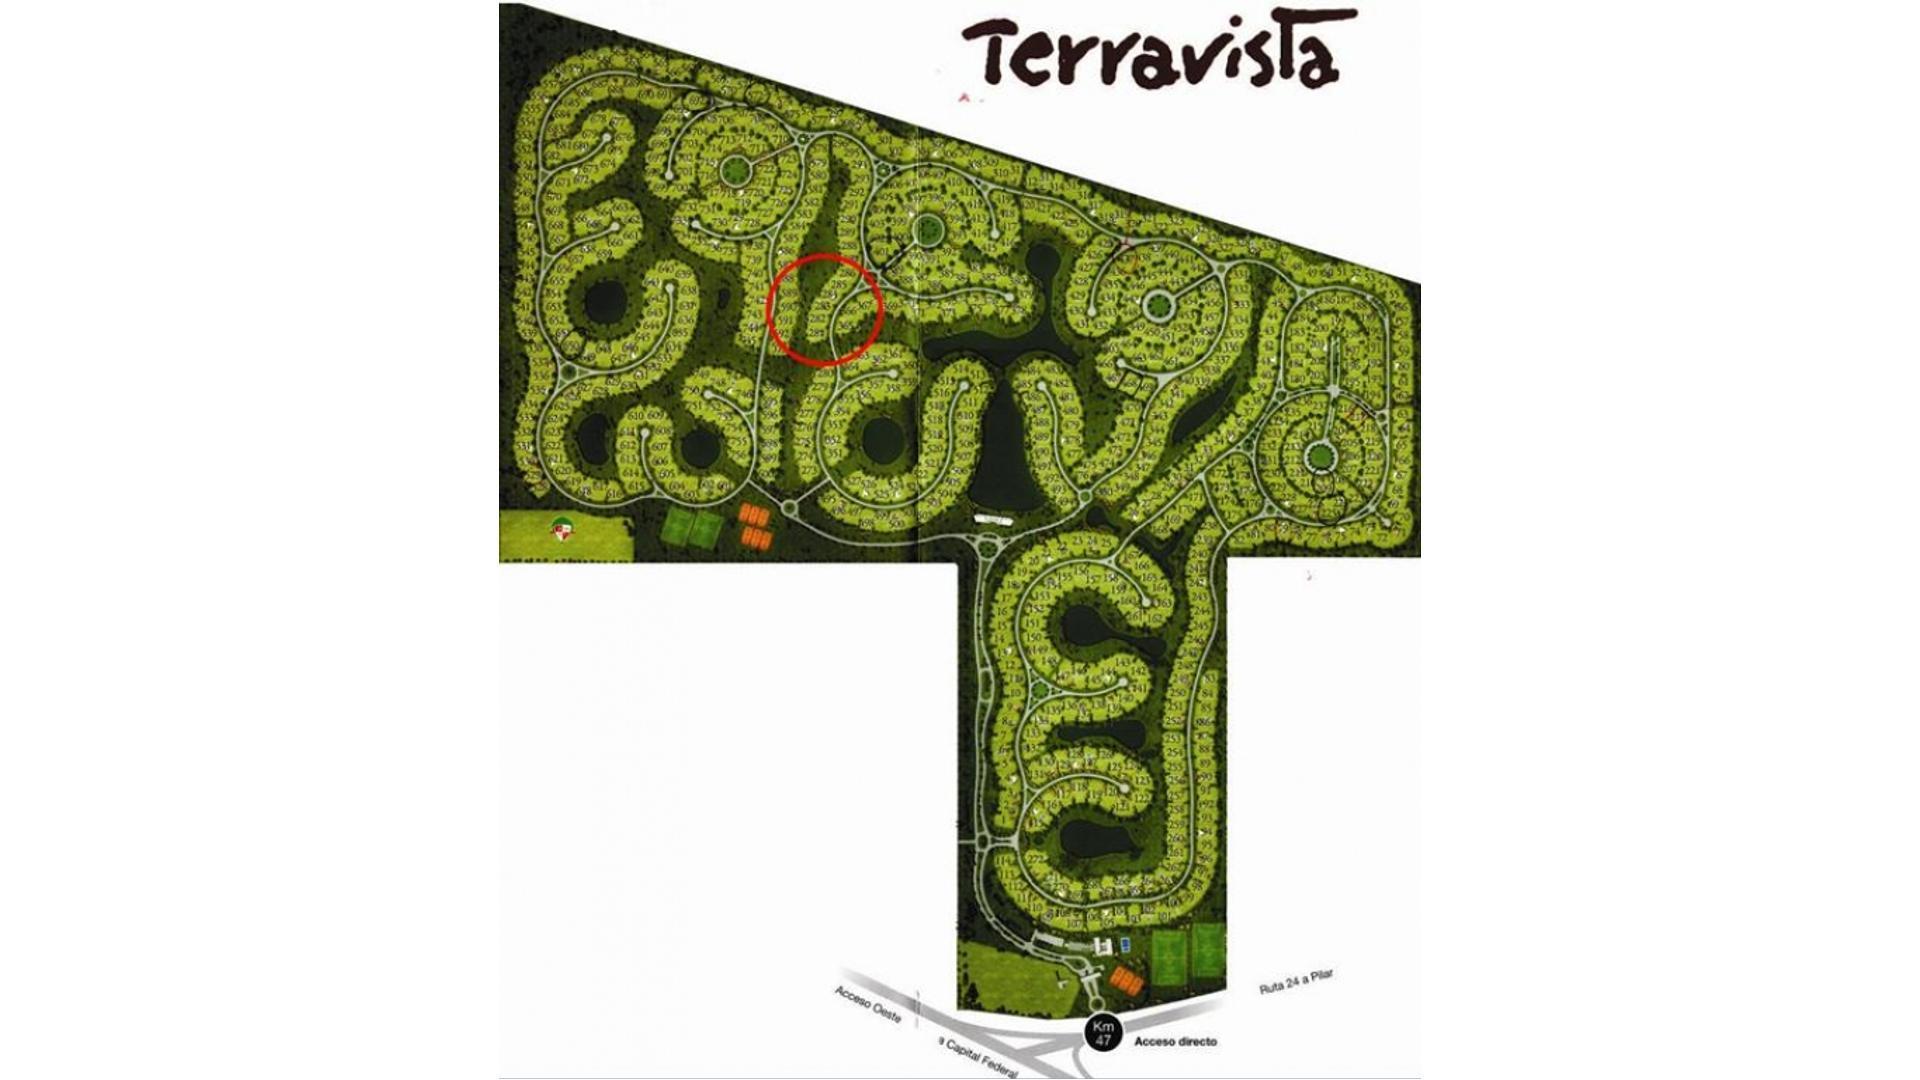 TERRENO LOTE EN VENTA 1007 m2 EN COUNTRY TERRAVISTA